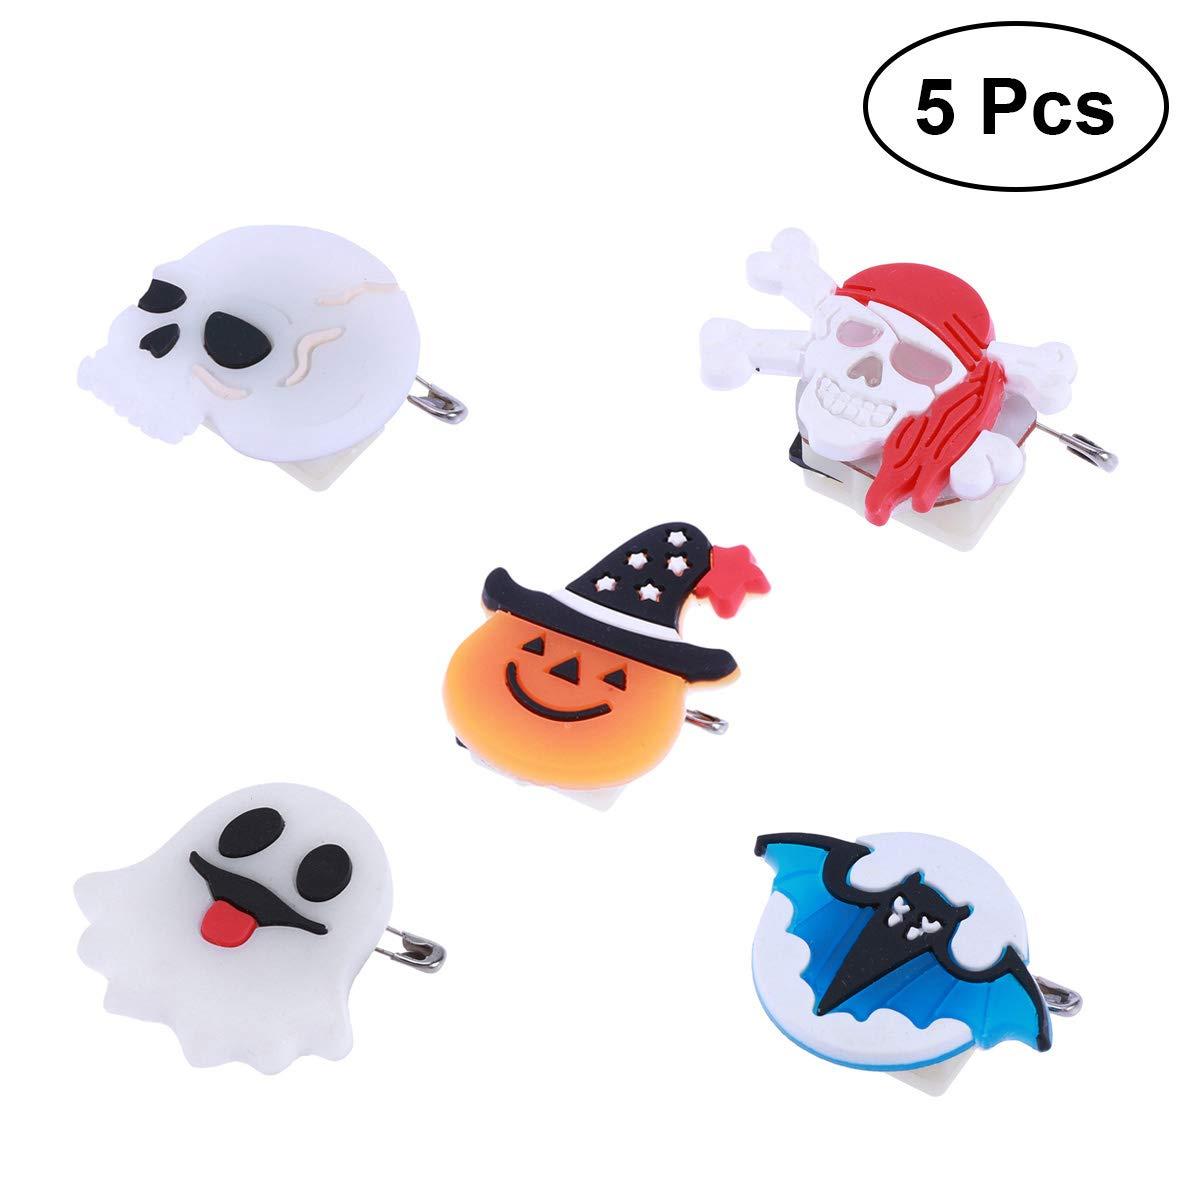 BESTOYARD Halloween Flash Broche LED Pin Party Éclairage De Citrouille Elf Pirate Skull Bat 5 PCS